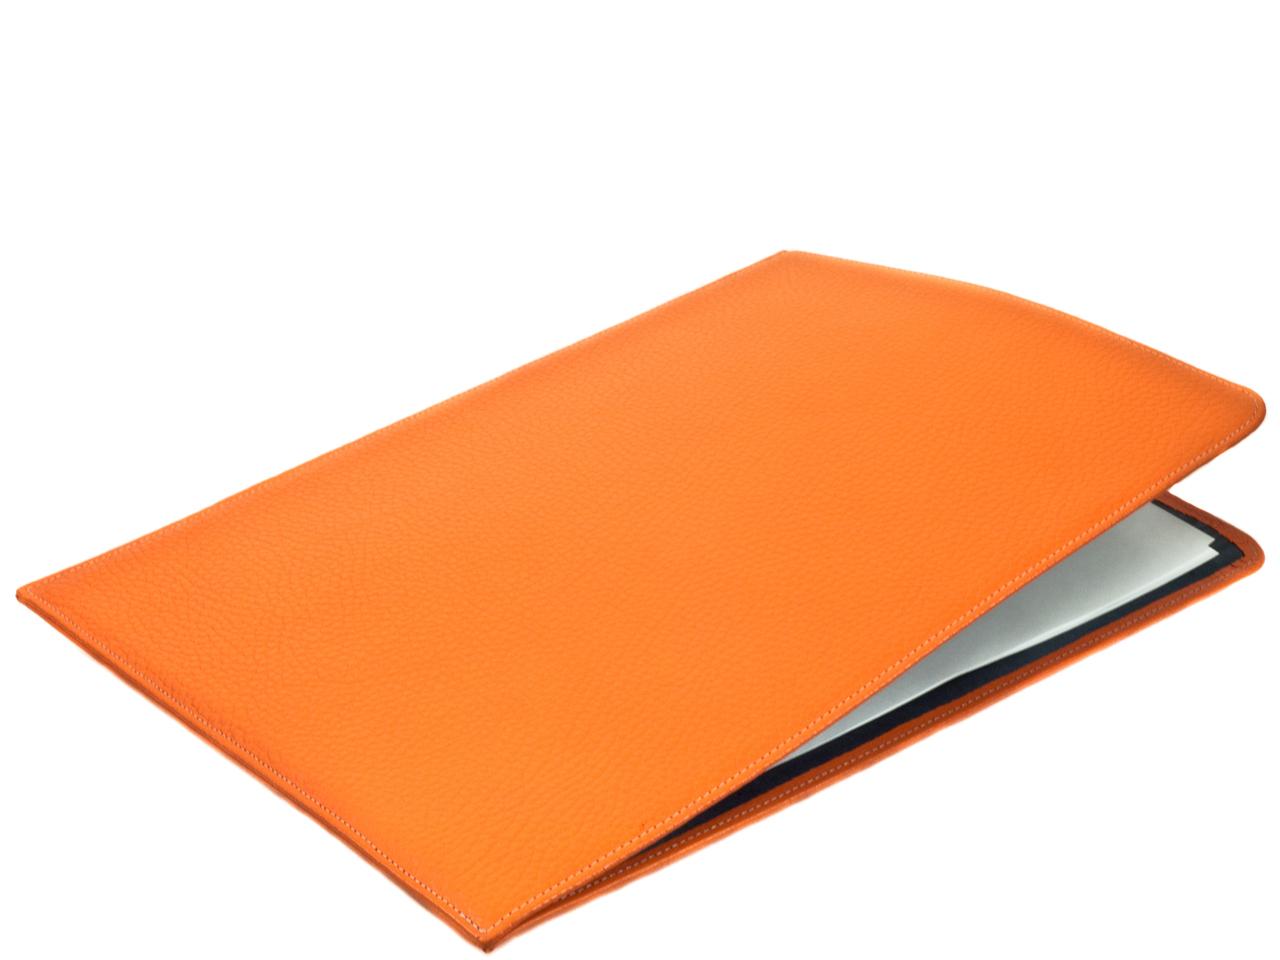 a4 document folder r horns wien online shop With document folder